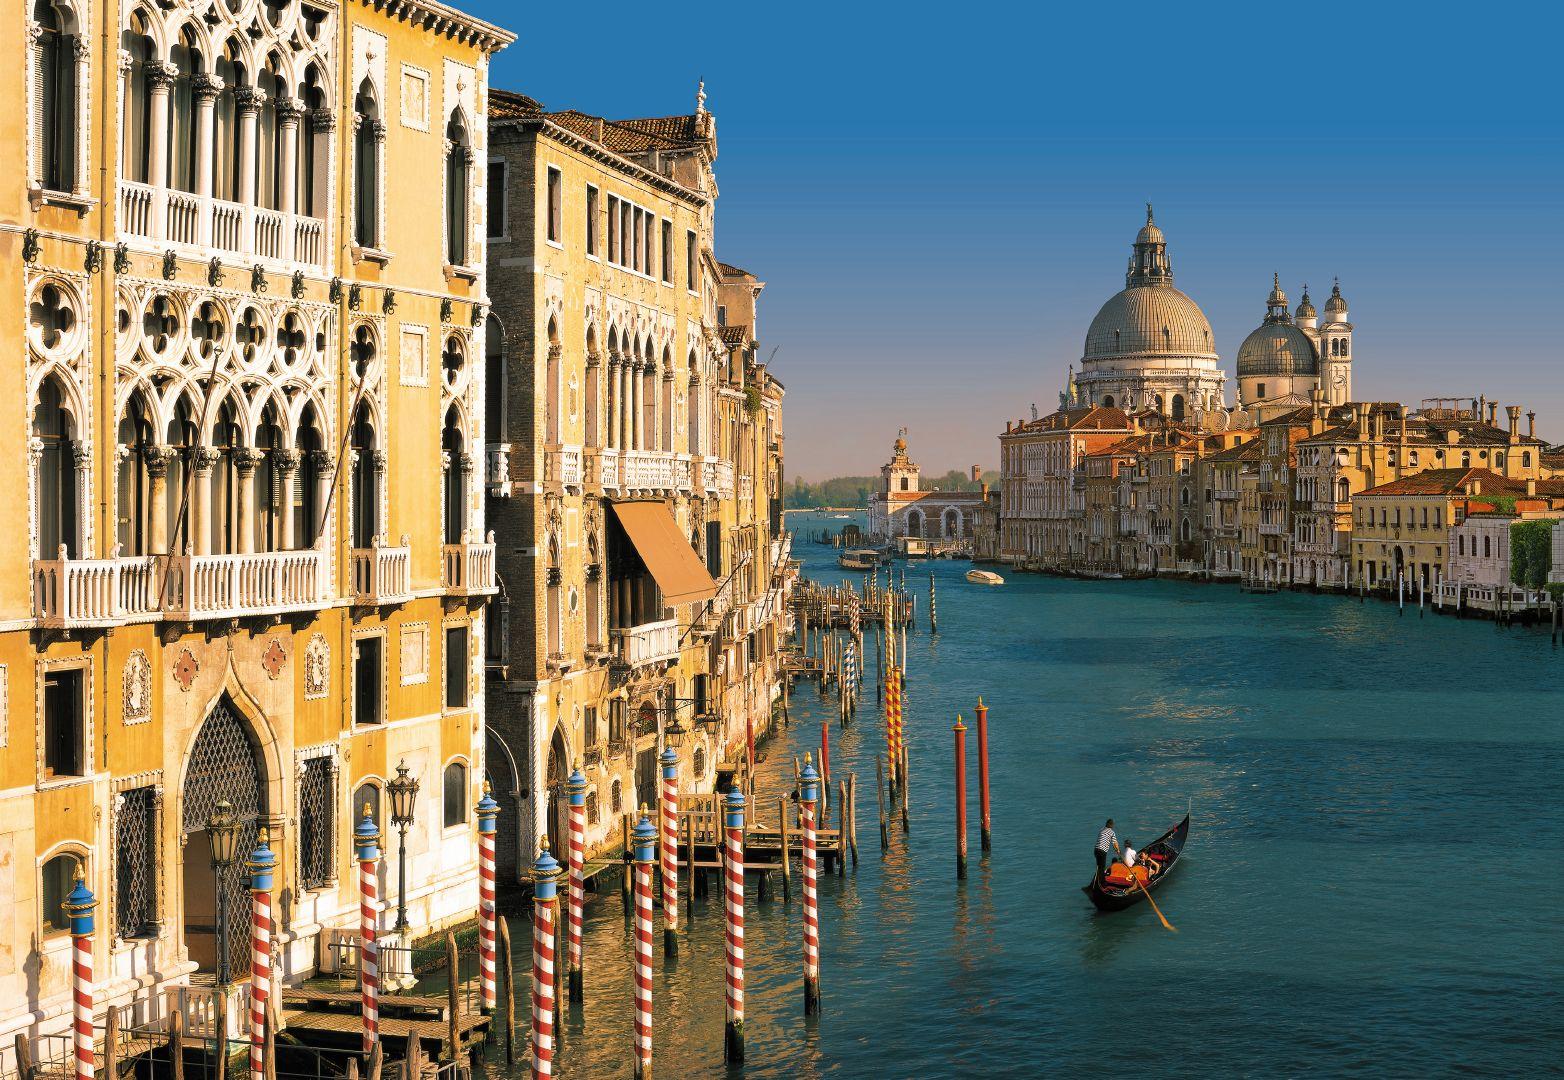 Hai visto? Consigli e dritte per weekend romantico a Venezia